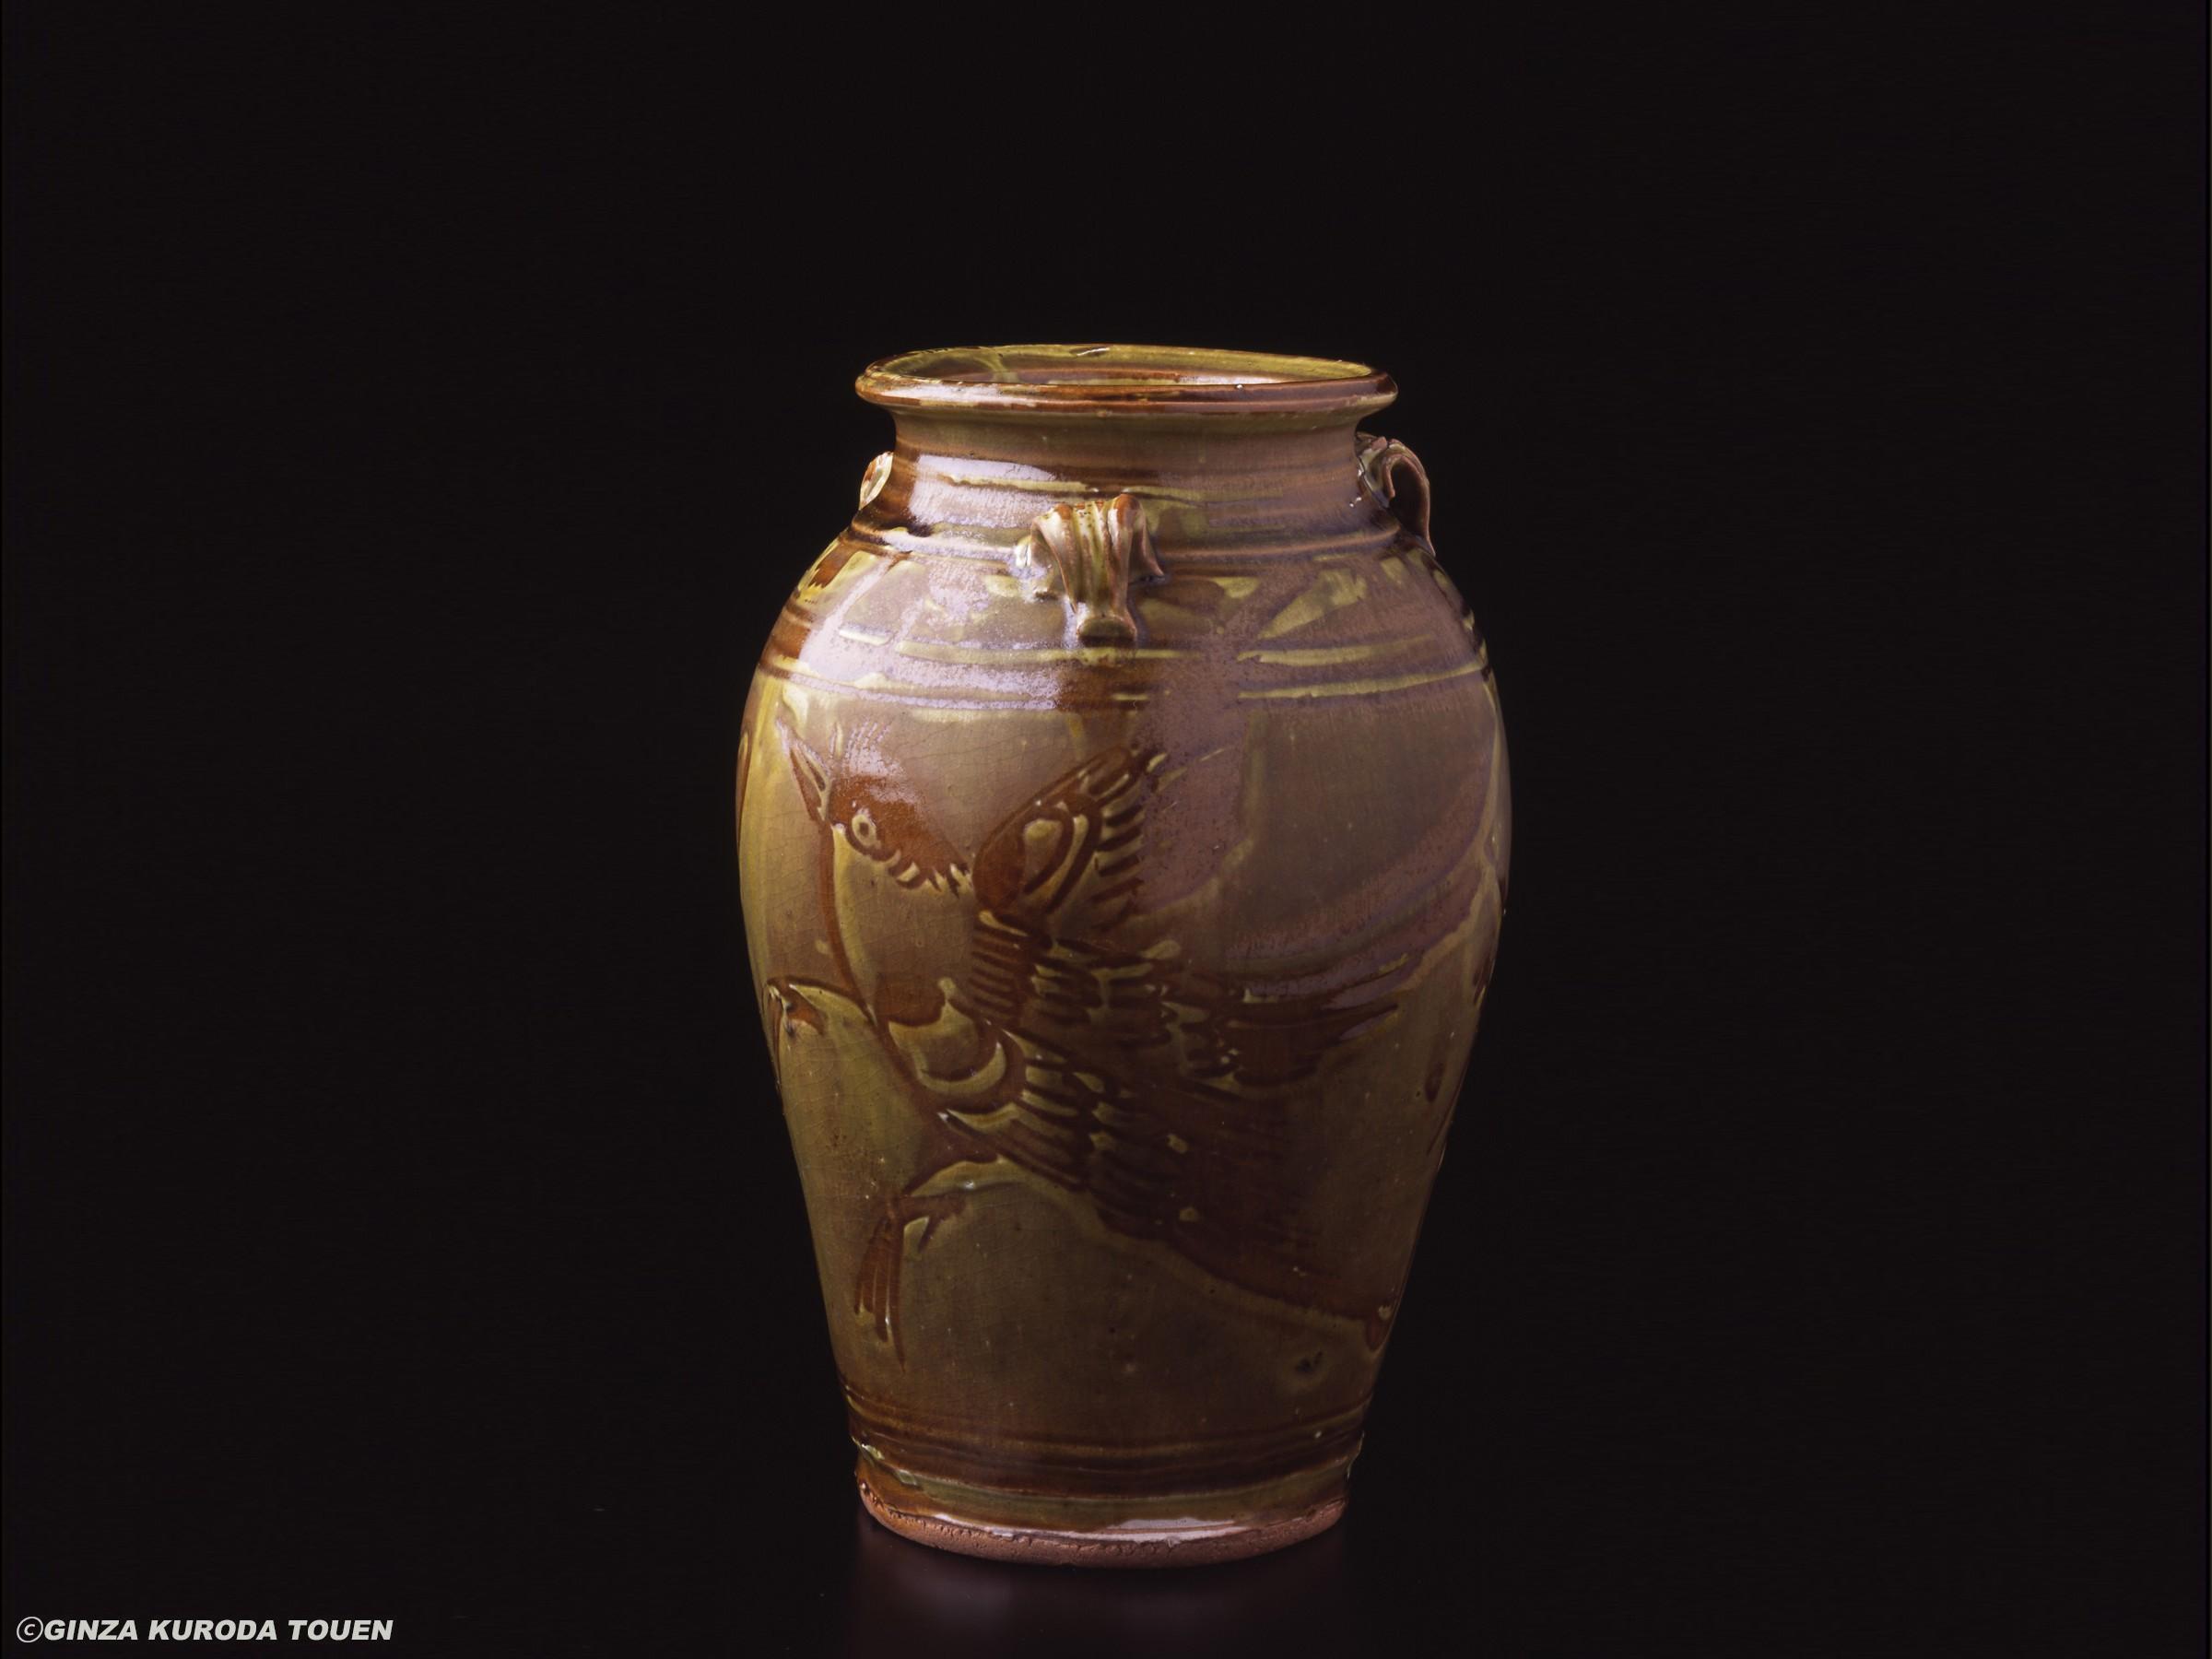 Kanjiro Kawai: Jar, Bird design [Shokei kiln]